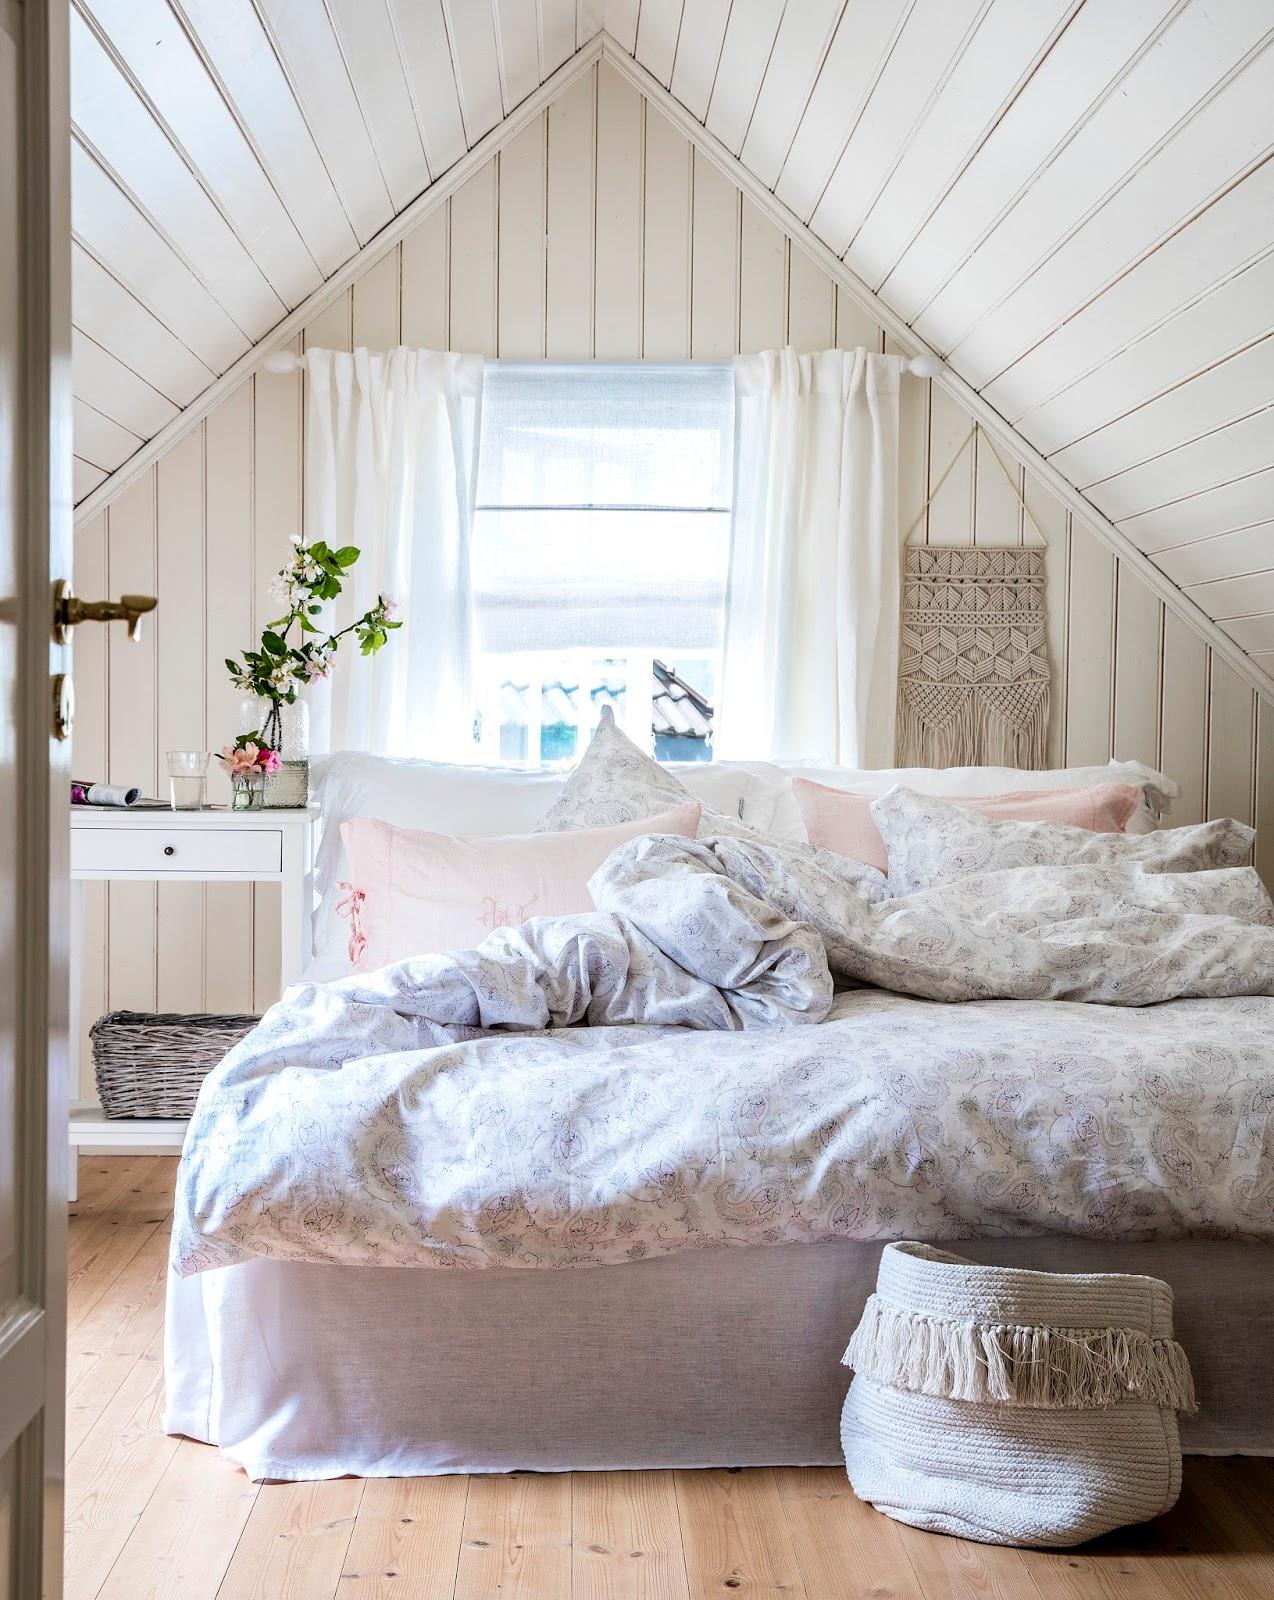 Blogg Home and Cottage: Slik tar du sommerfølelsen med deg